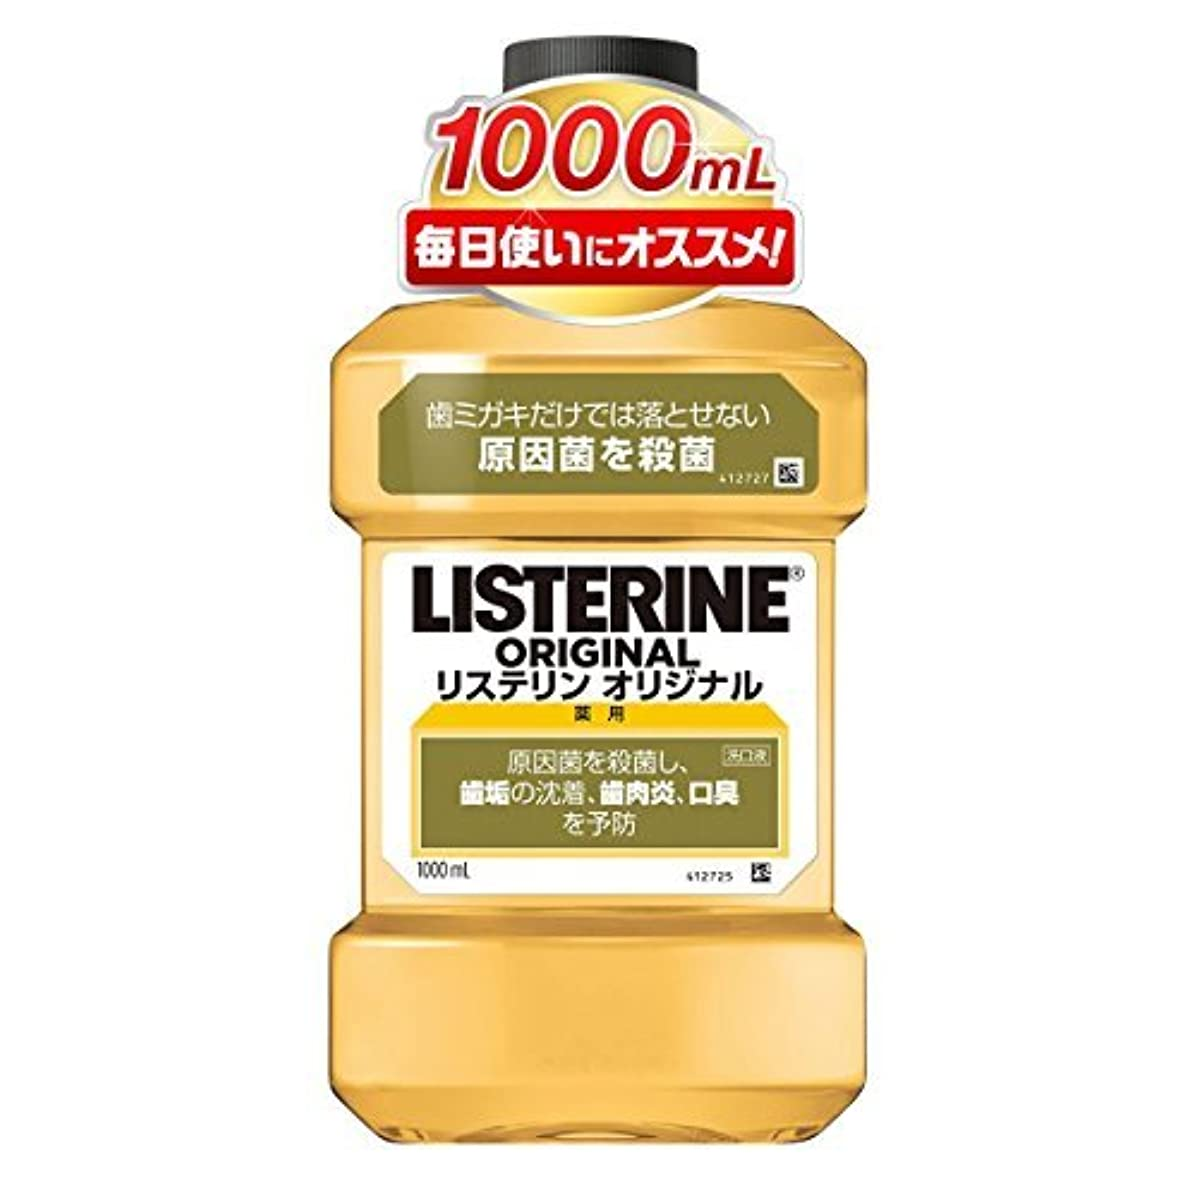 ロースト法令ウェーハ薬用リステリン オリジナル 1000ml ×6個セット